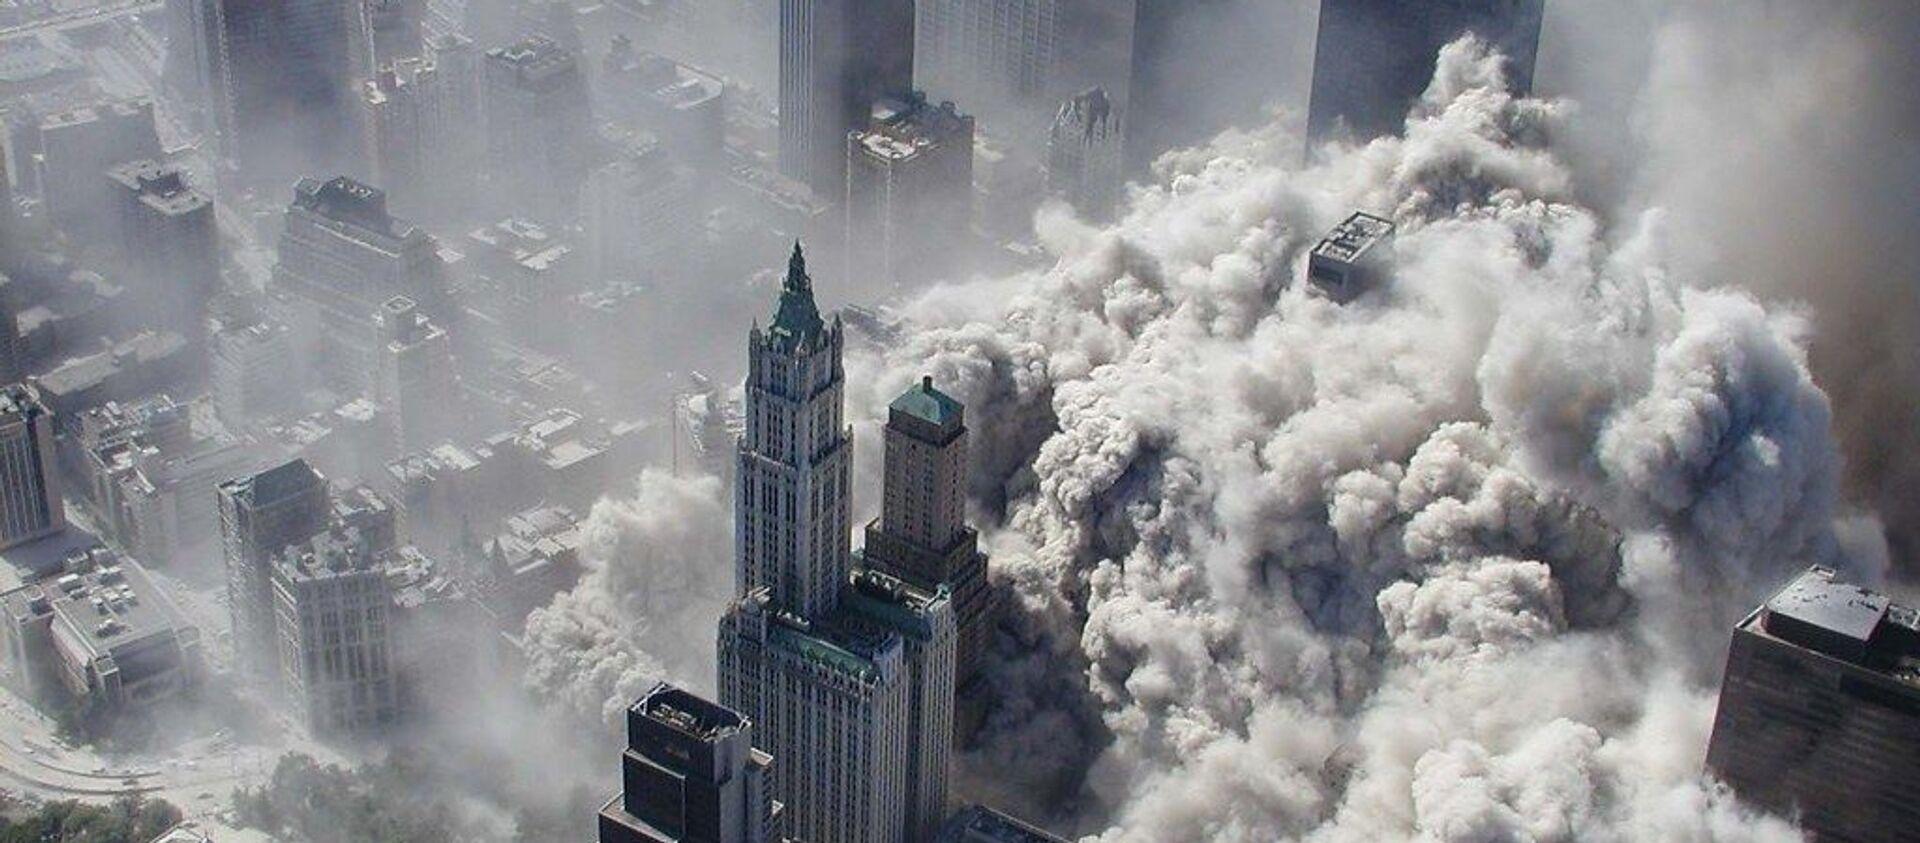 2001 წლის 11 სექტემბრის ტერაქტი ნიუ-იორკში - Sputnik საქართველო, 1920, 09.08.2021